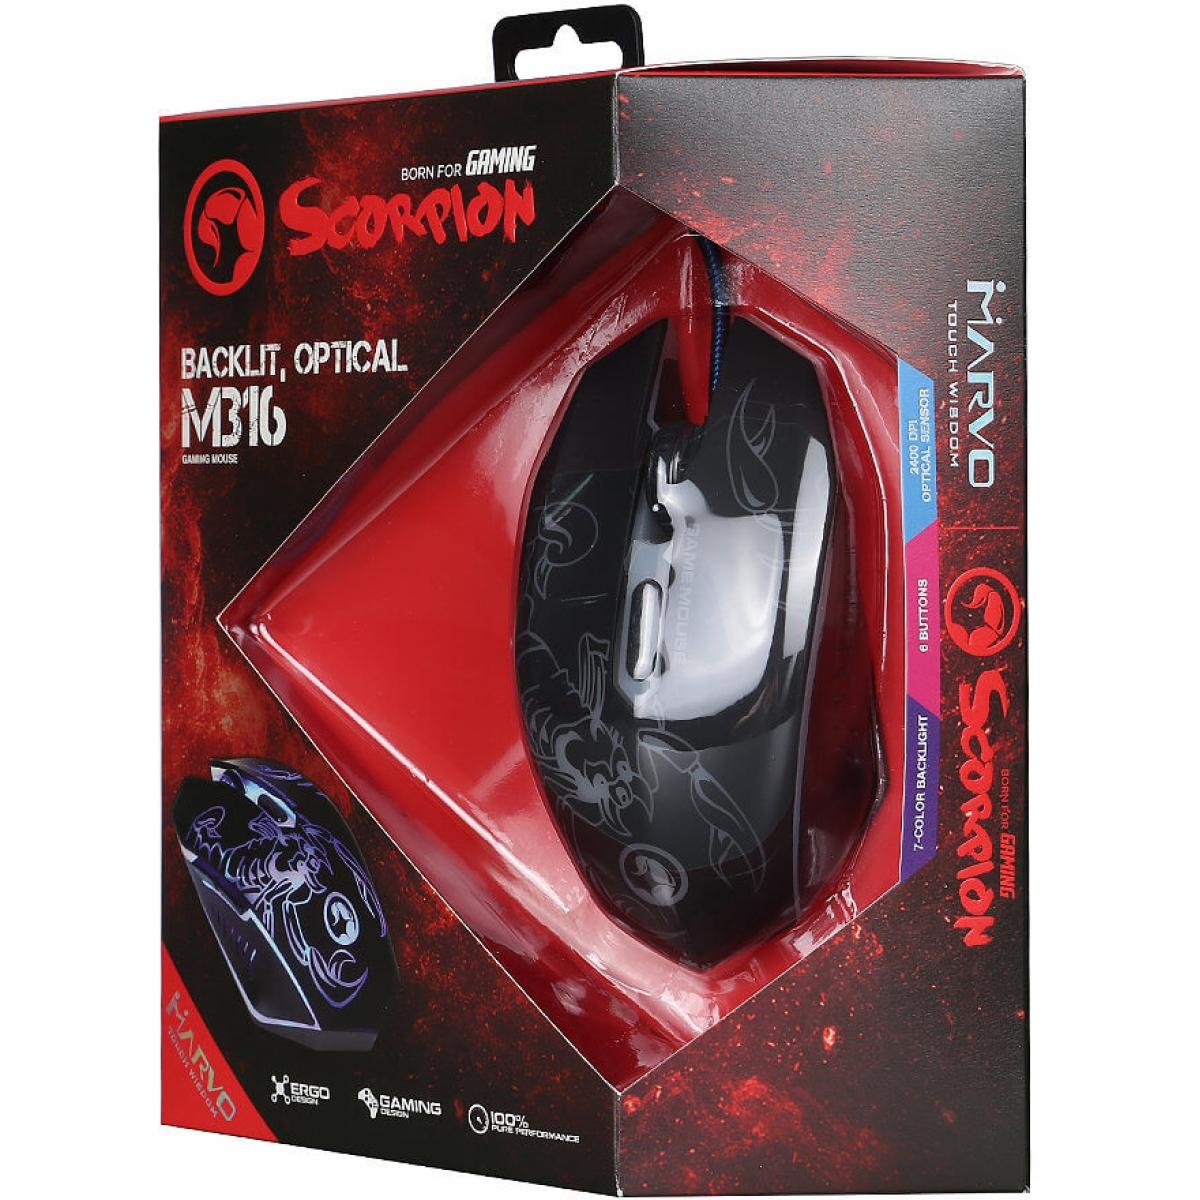 Mouse Marvo Gamer M316 Wired 6 Botões 2400 DPI LED 7 Cores